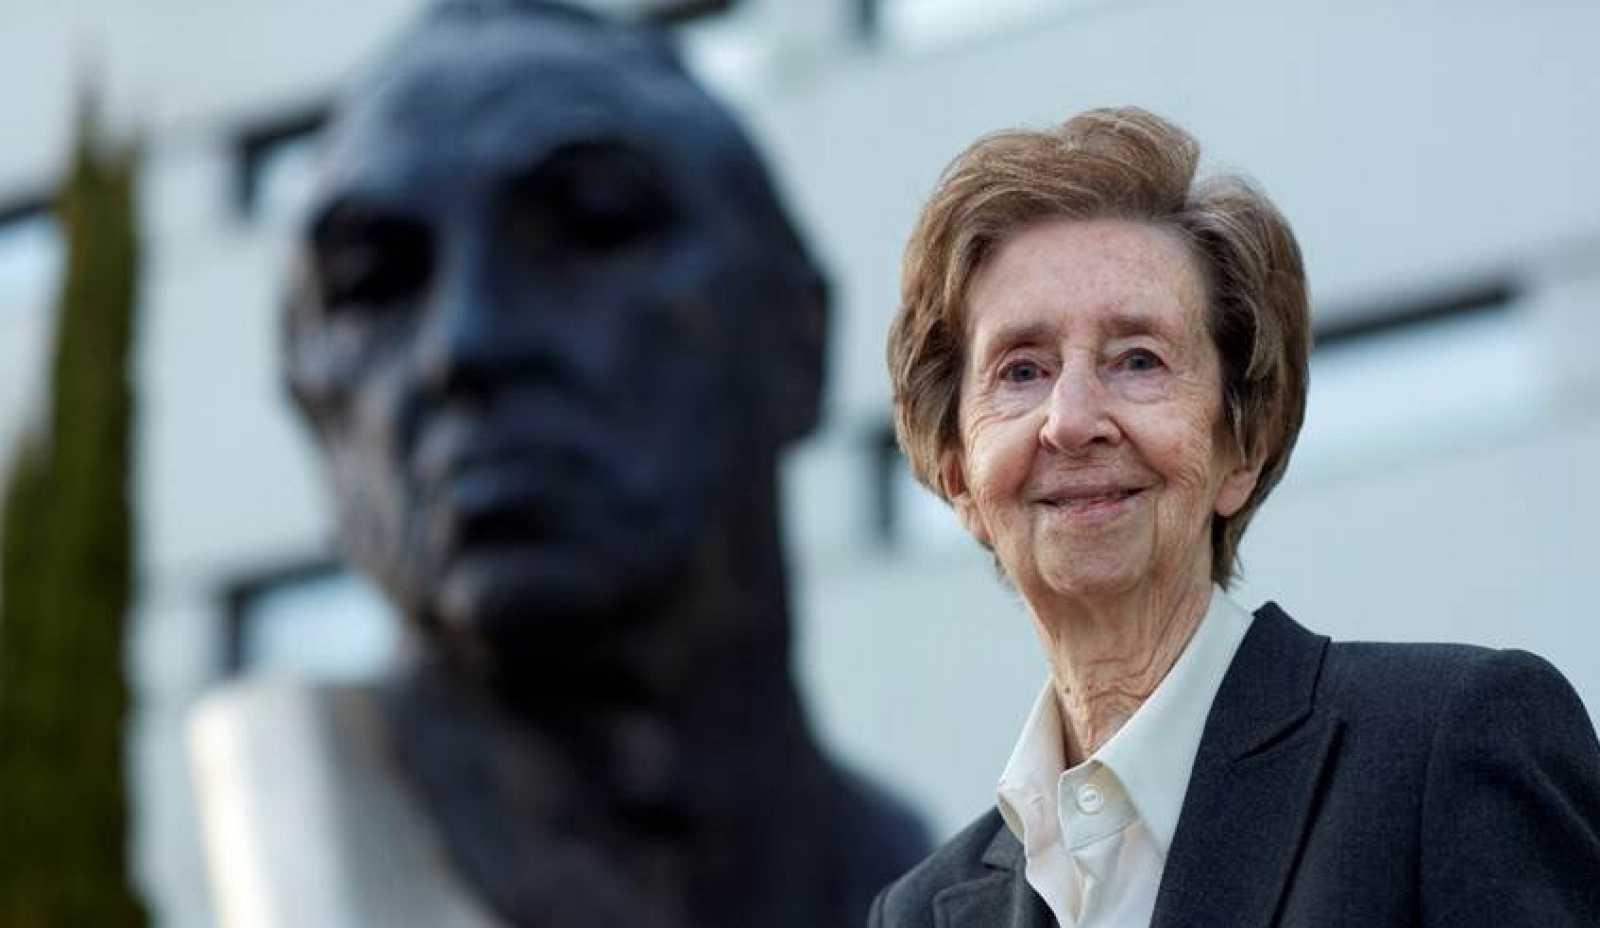 La investigadora Margarita Salas,una de las principales referencias de la ciencia española durante los últimas décadas, ha fallecido este jueves a los 80 años de edad.¿Salas desarrollósu labor investigadoraen el campo de la bioquímica y la biologí